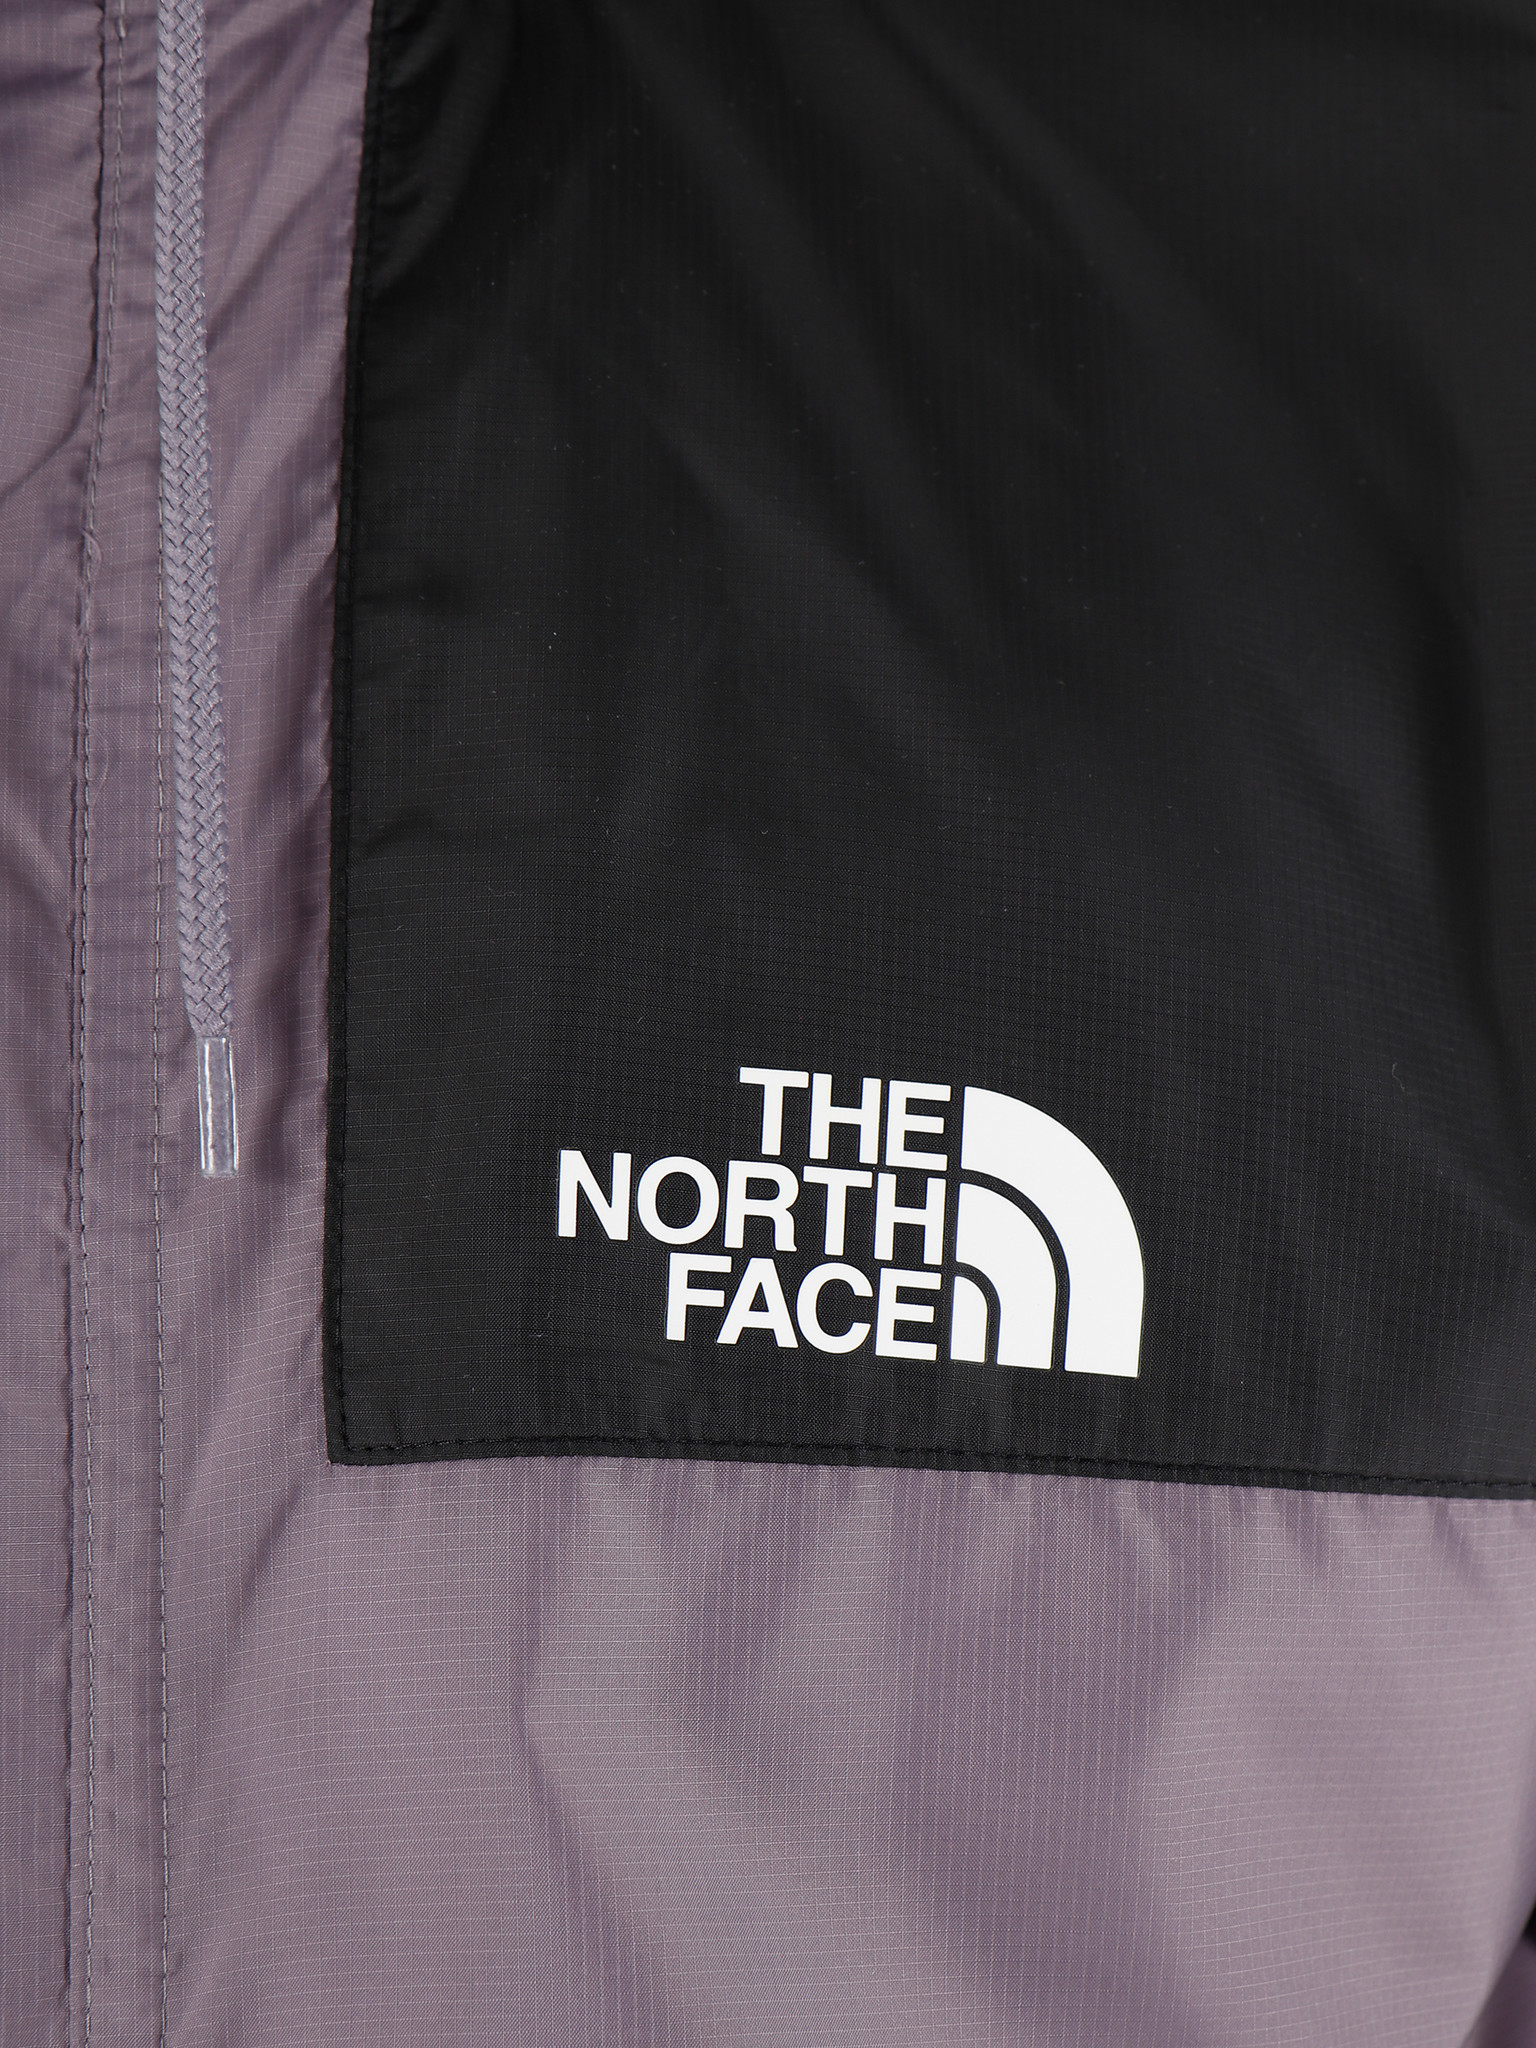 The North Face The North Face 1985 Seasonal Mountain Jacket Coastal Grey T0CH37V9V